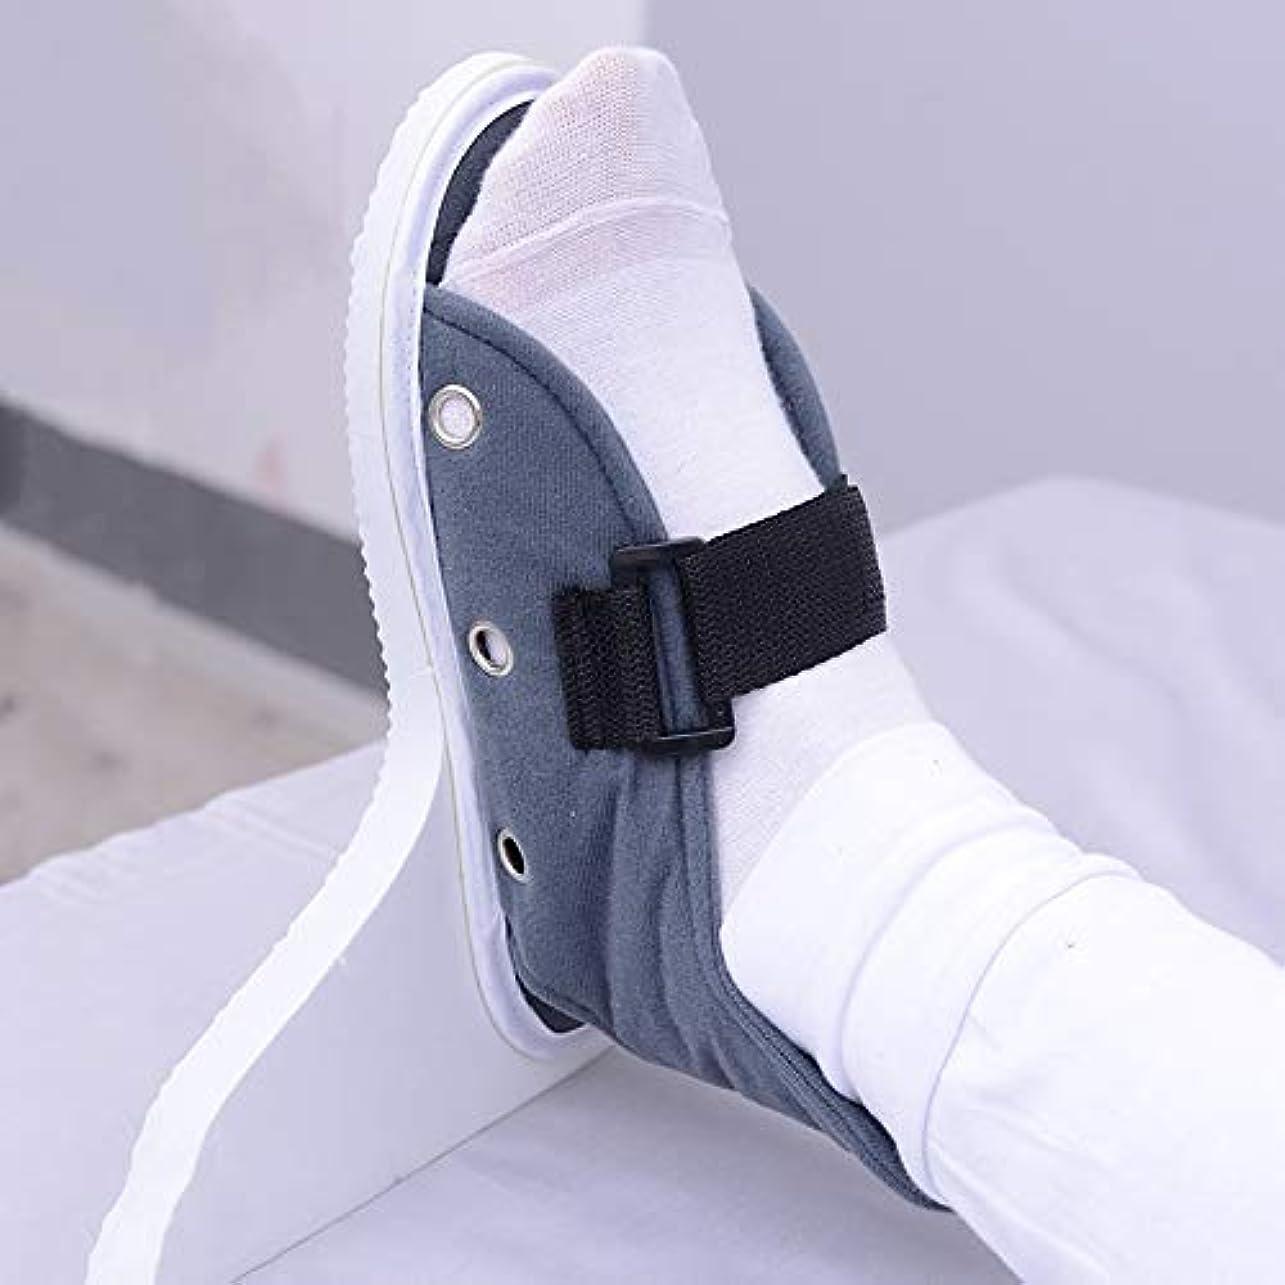 わな天井偏見1ペア病院固定ブレースヒールプロテクター足の垂れ防止用 - 足首滑り止め固定具アンチスピンシューズ高齢者用